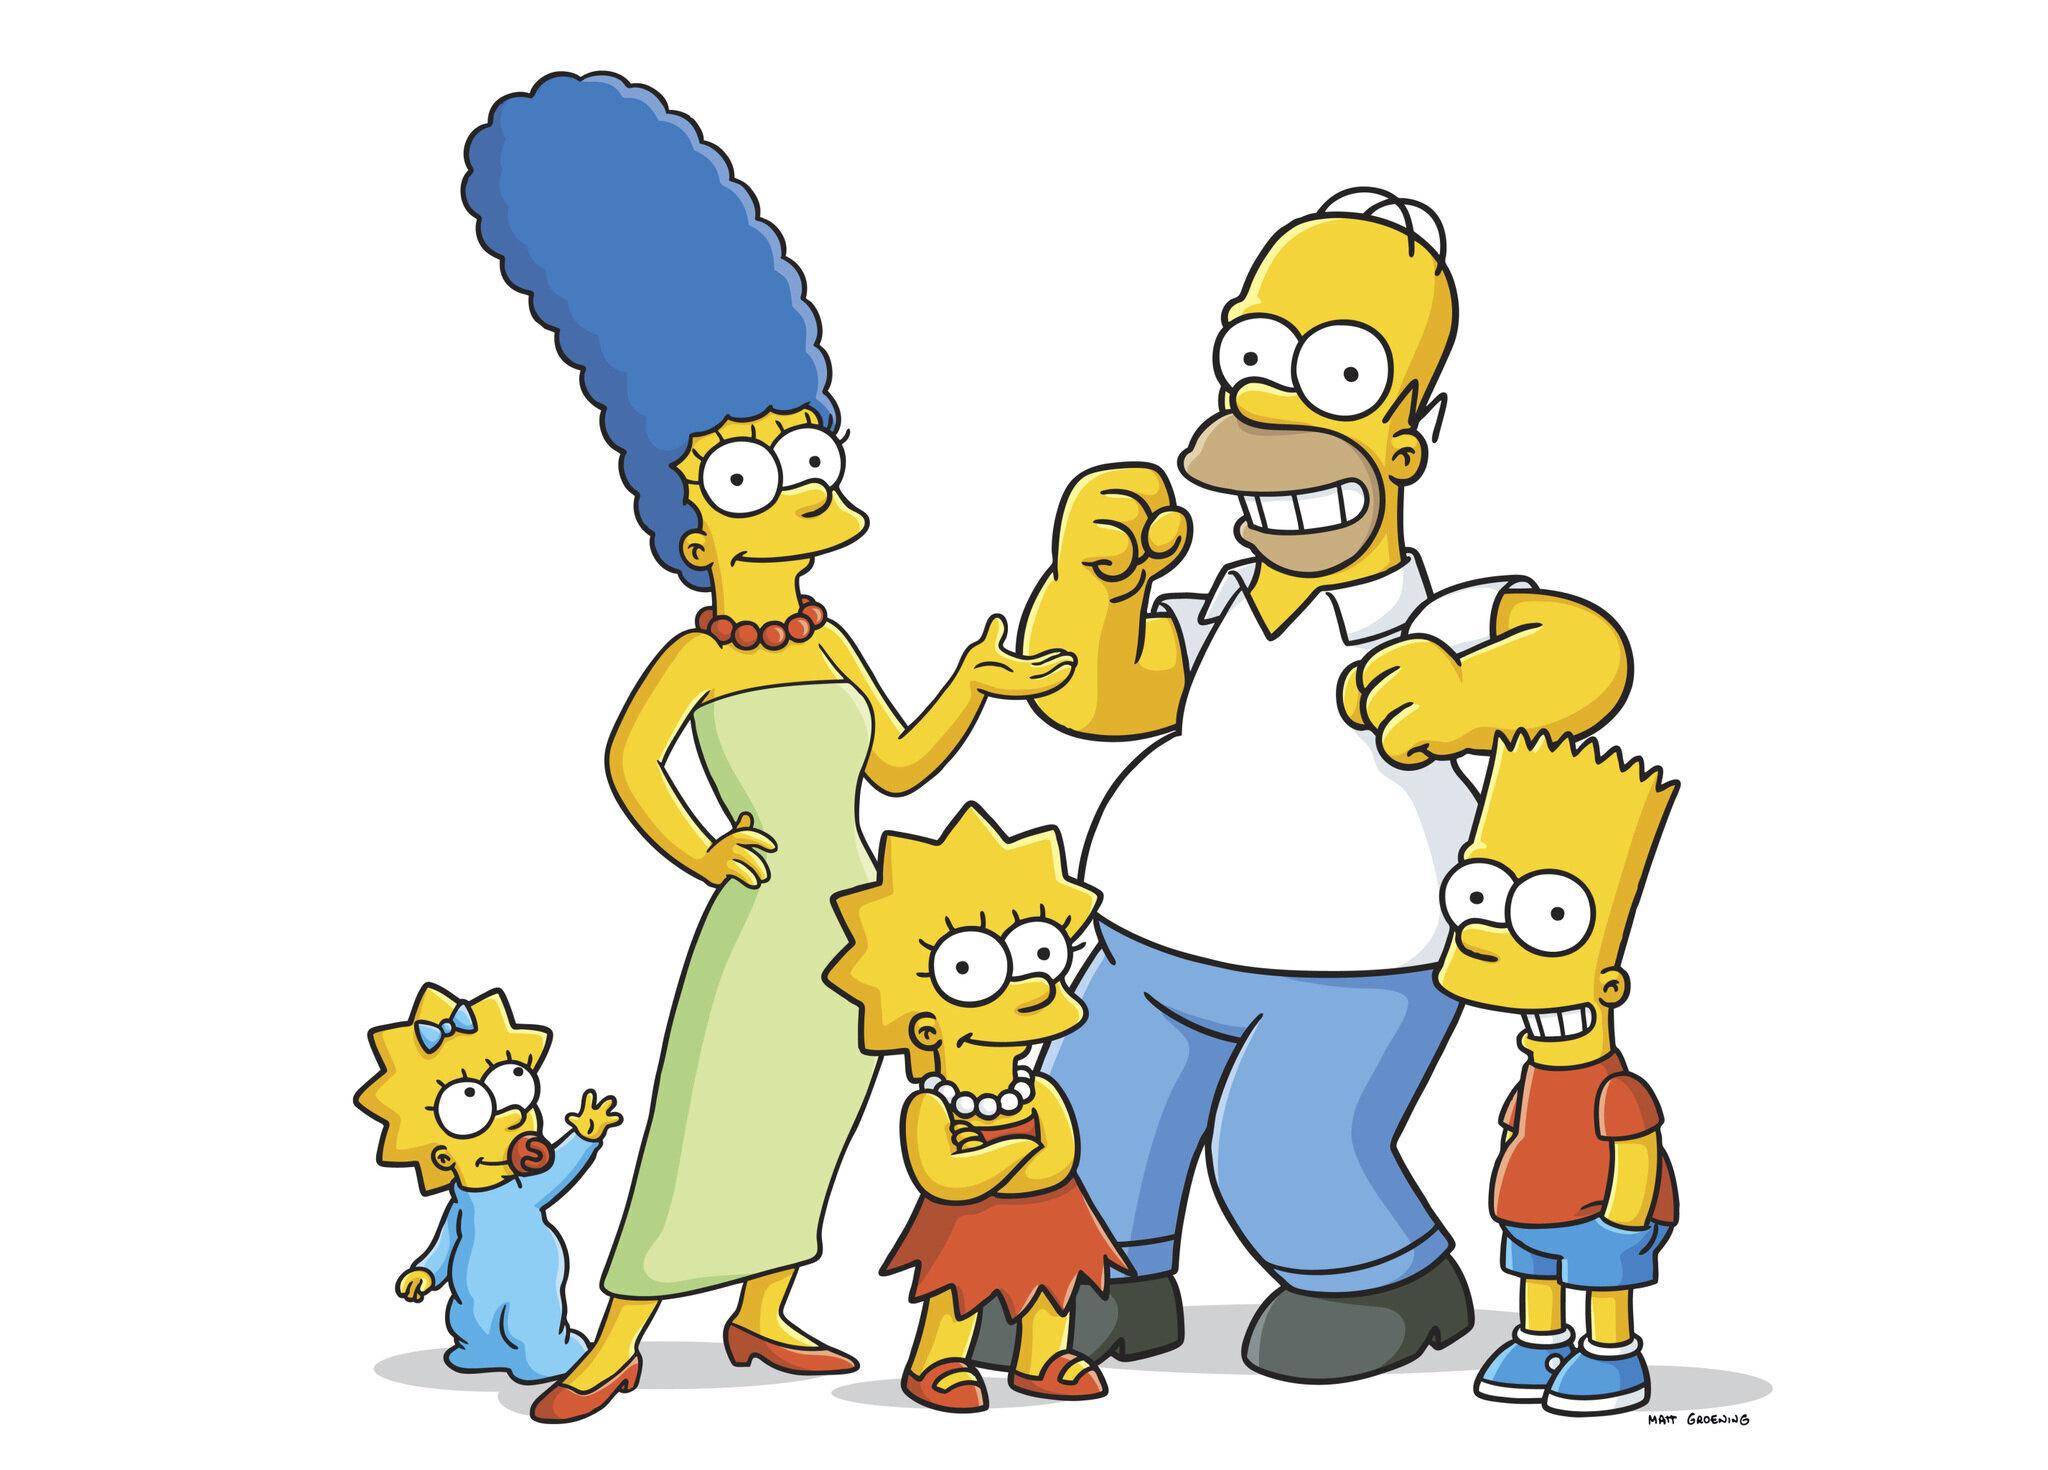 Histórica 30ª temporada de 'Os Simpsons' estreia na Fox nesta